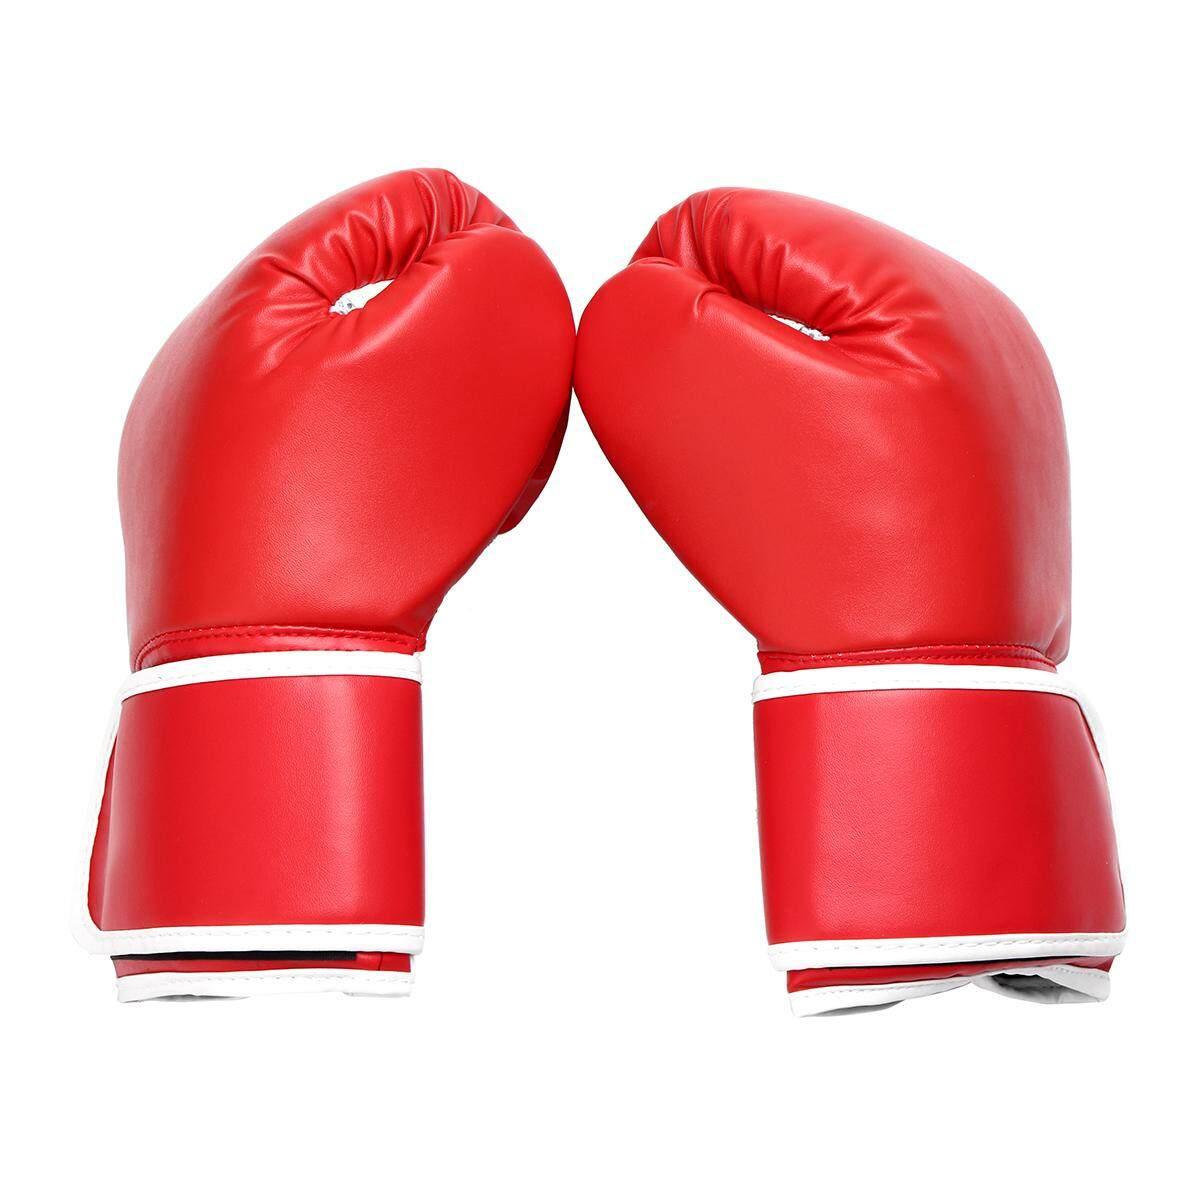 Everlast Boxing Gloves 8/10/12/14/16 Oz Speed Bagger Muay Thai Training Gloves By Moonbeam.